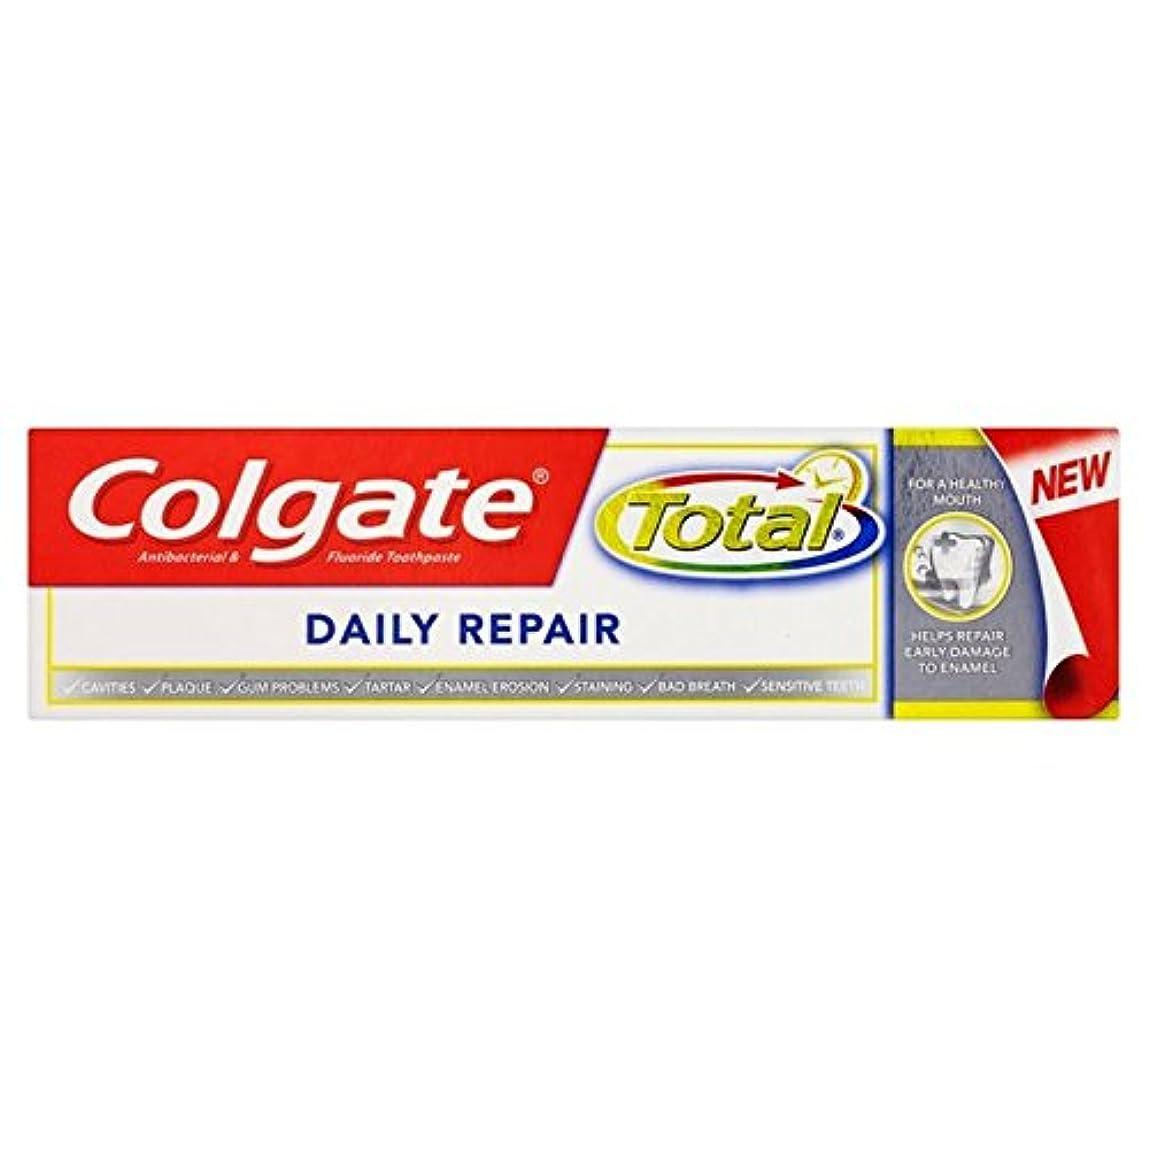 パプアニューギニアタウポ湖意志に反するコルゲートトータル毎日修理歯磨き粉75ミリリットル x4 - Colgate Total Daily Repair Toothpaste 75ml (Pack of 4) [並行輸入品]